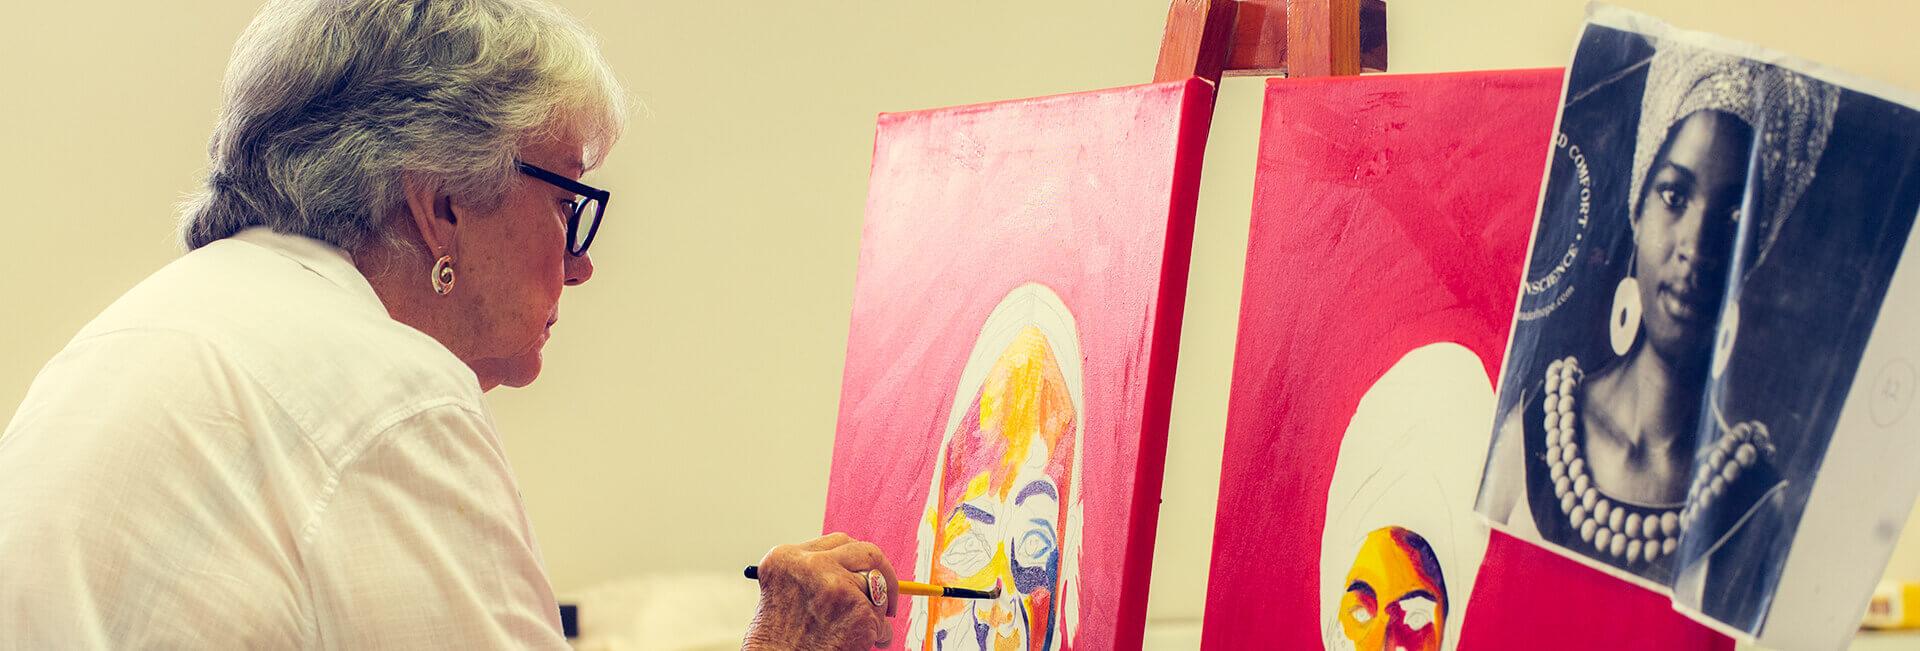 <p>ARTS &amp; CRAFTS</p> - 0